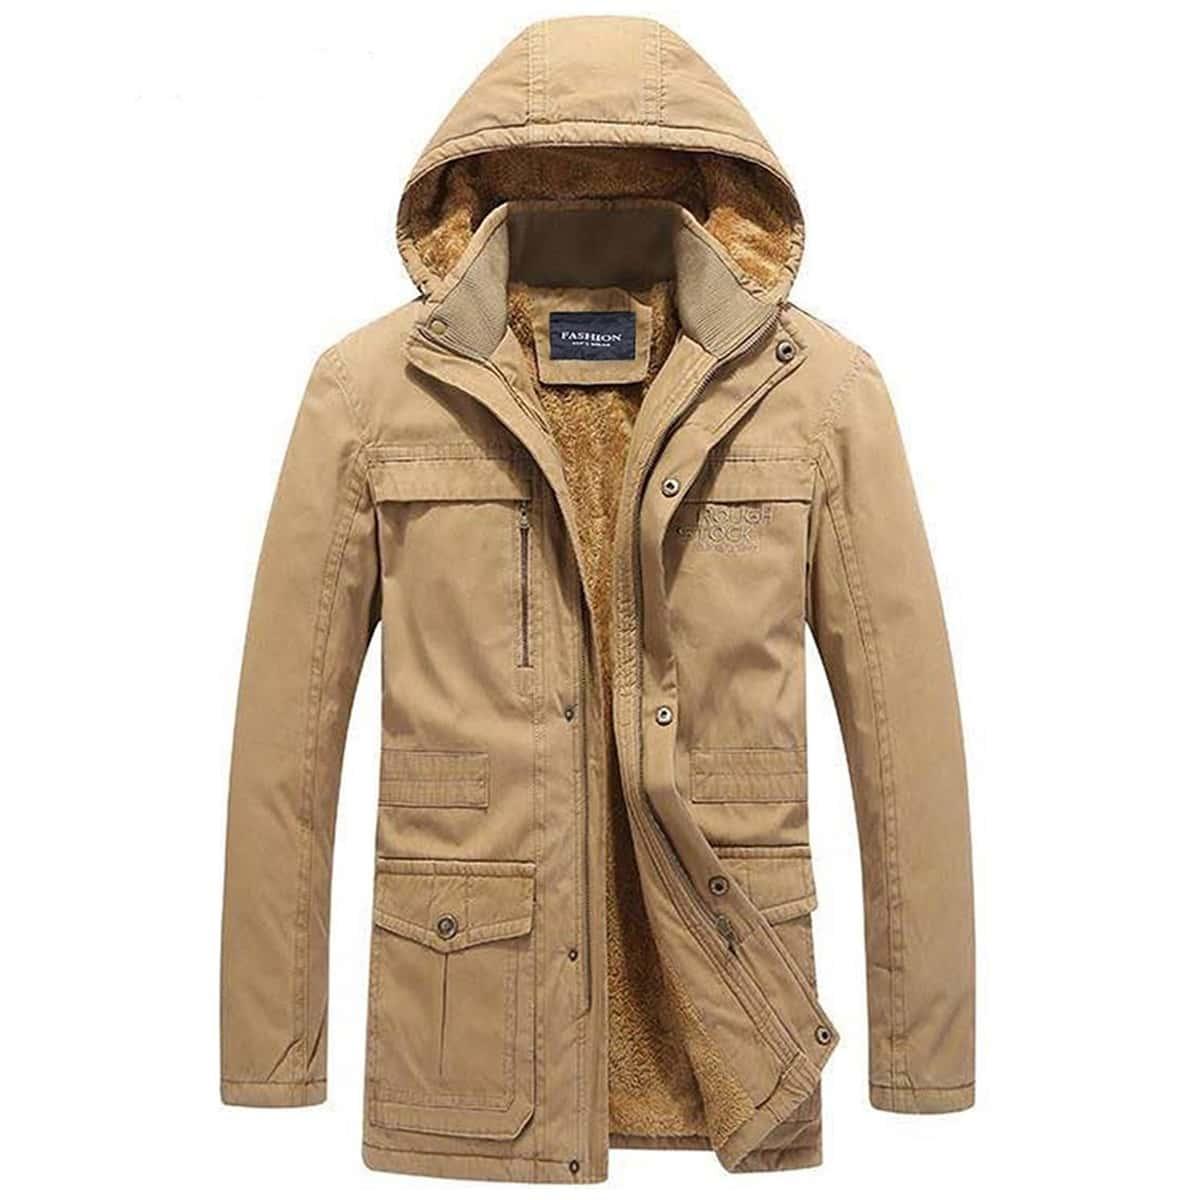 Manteau à capuche avec doublure duveteux et zip